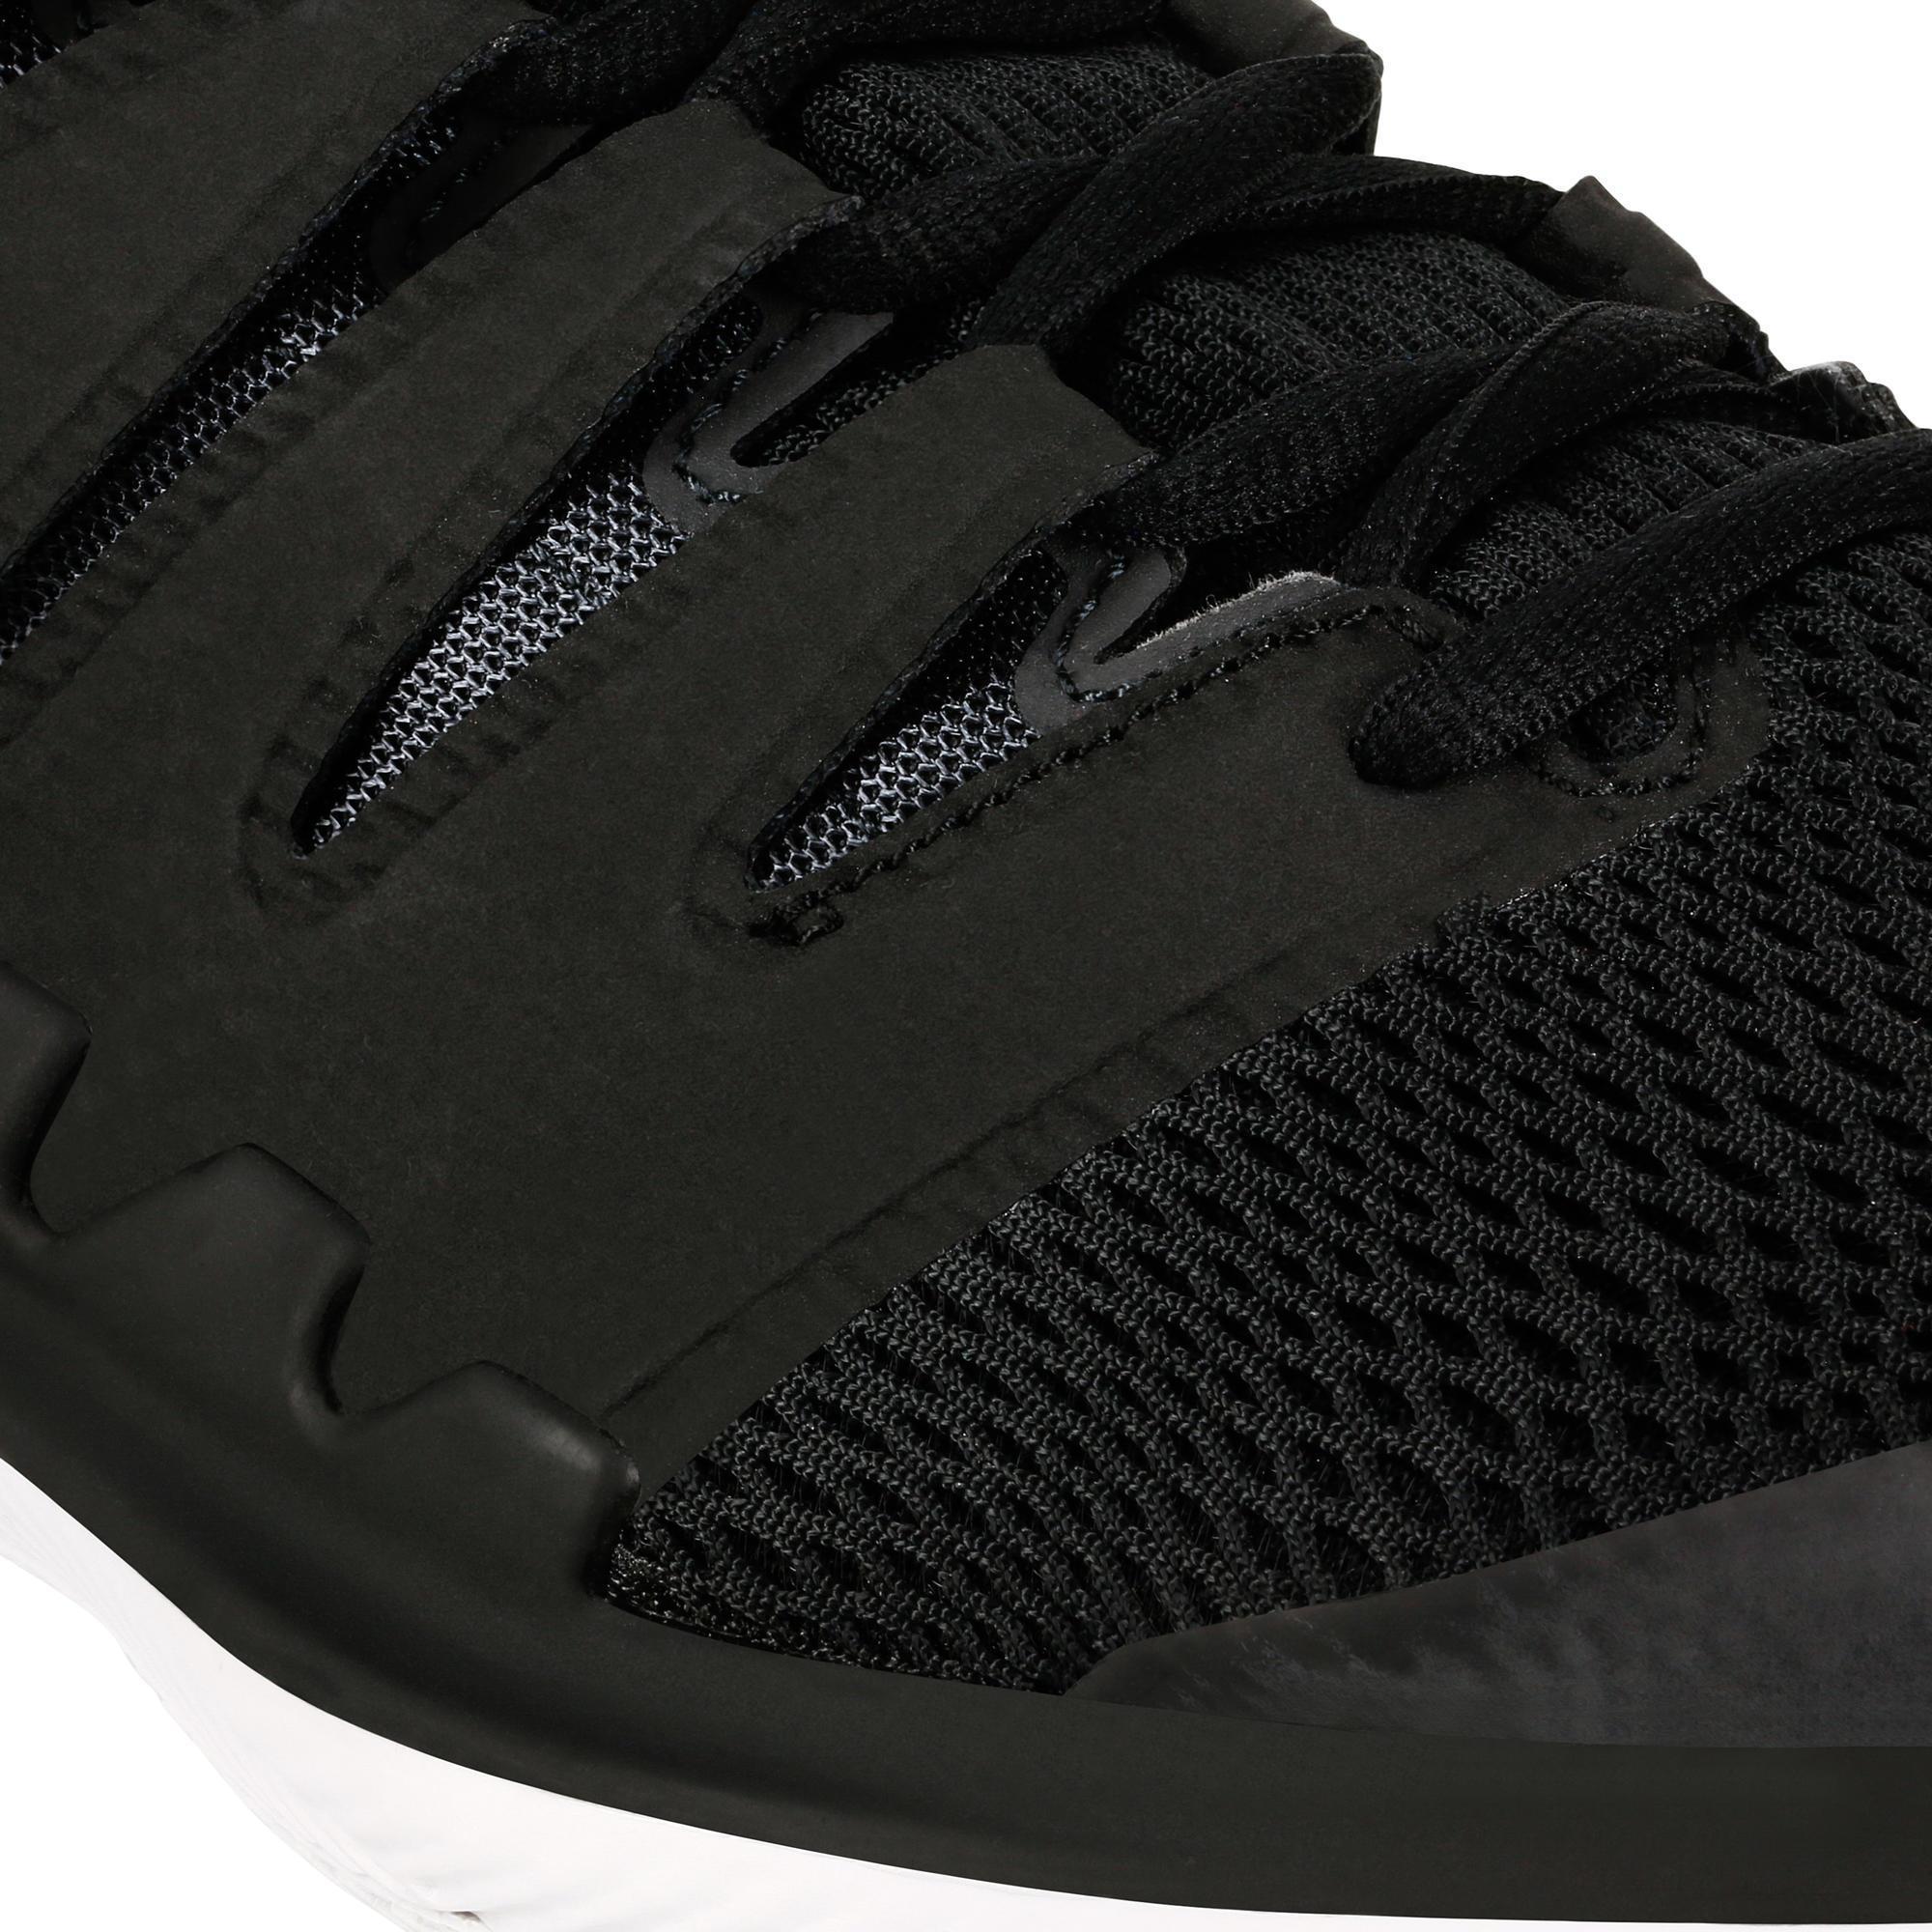 size 40 2c07c bdbe0 AIR MULTI TENNIS 10 ZOOM DE Nike NOIRE VAPOR CHAUSSURES COURT HOMME IU6OIxS